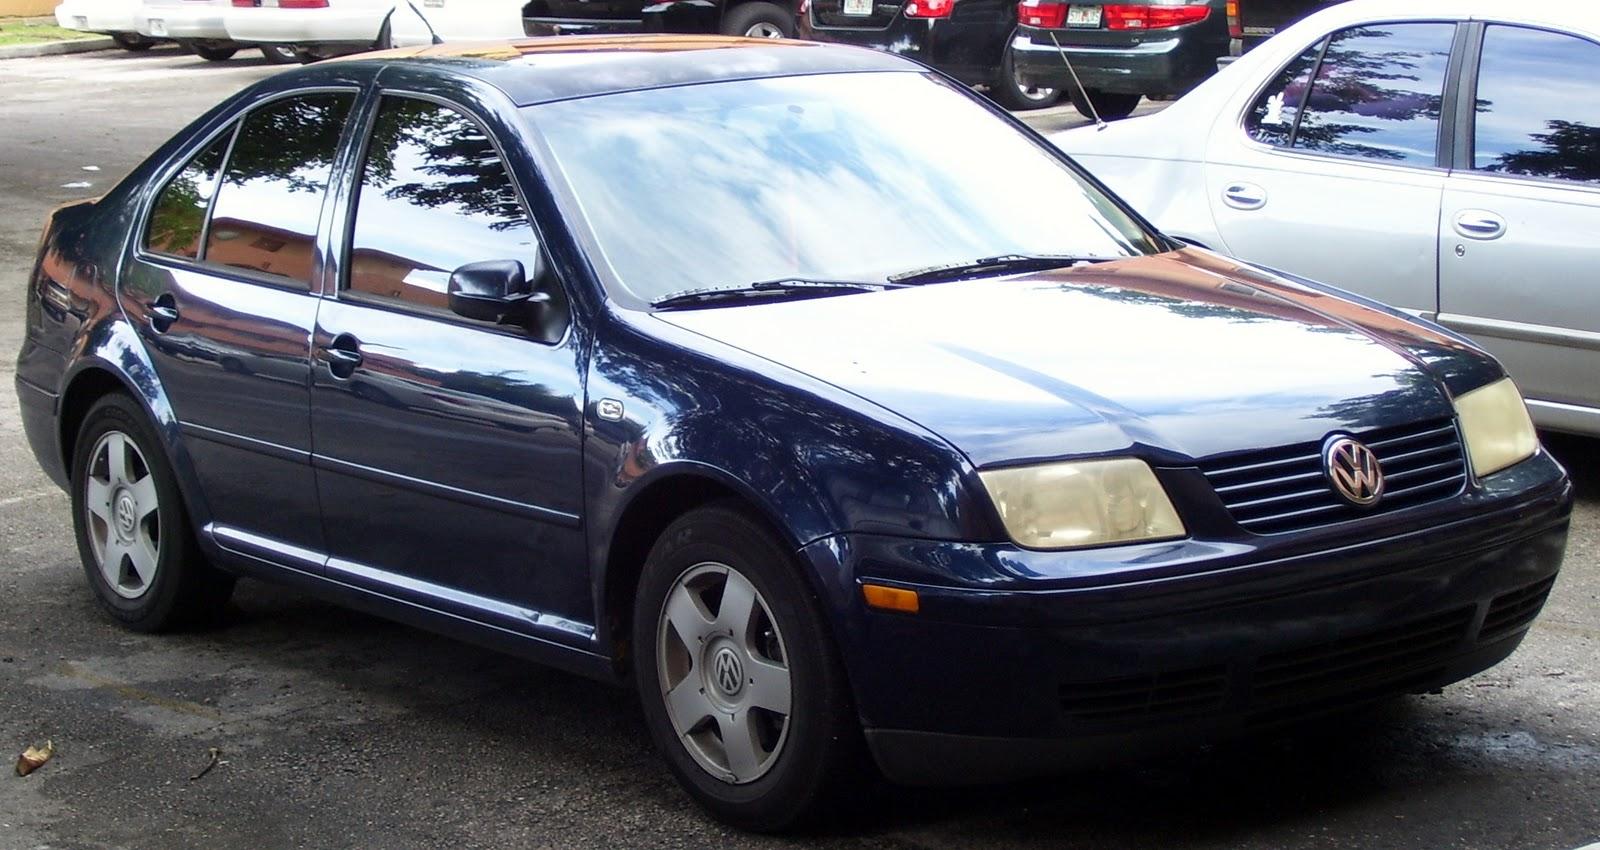 2002 VW JETTA GLS 1.8T